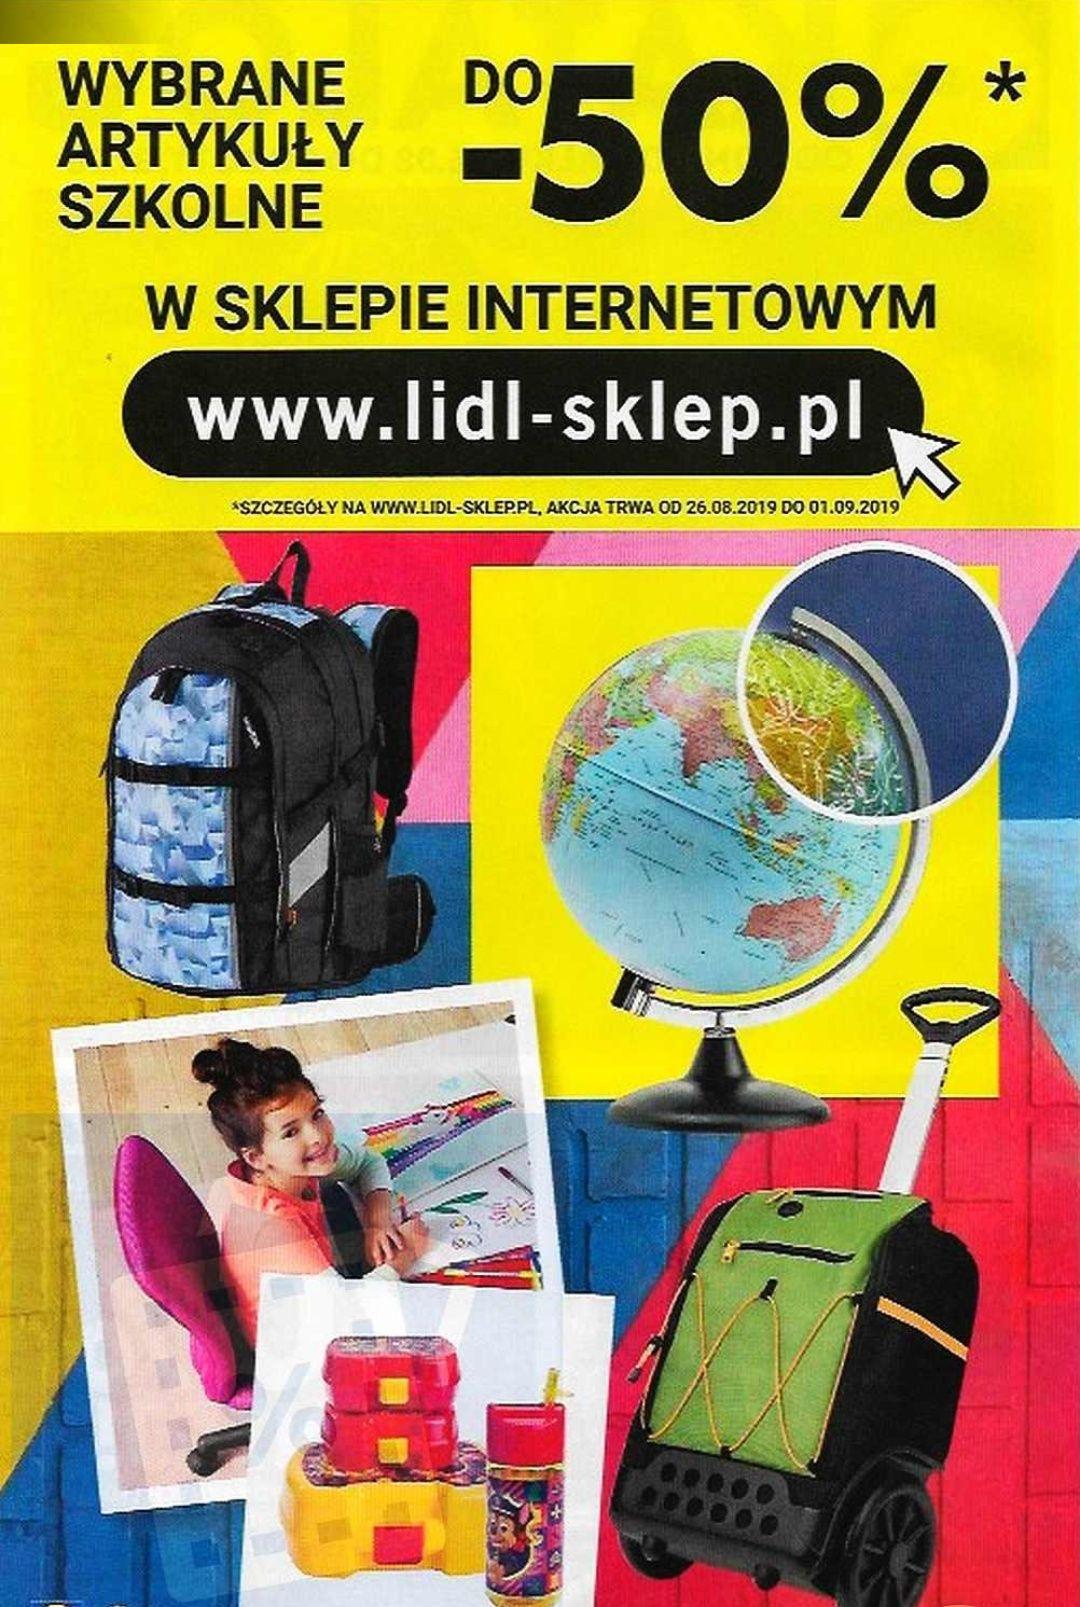 Od 26.08.2019 wyprzedaż do -50% na wybrane art. szkolne w sklepie internetowym Lidl.